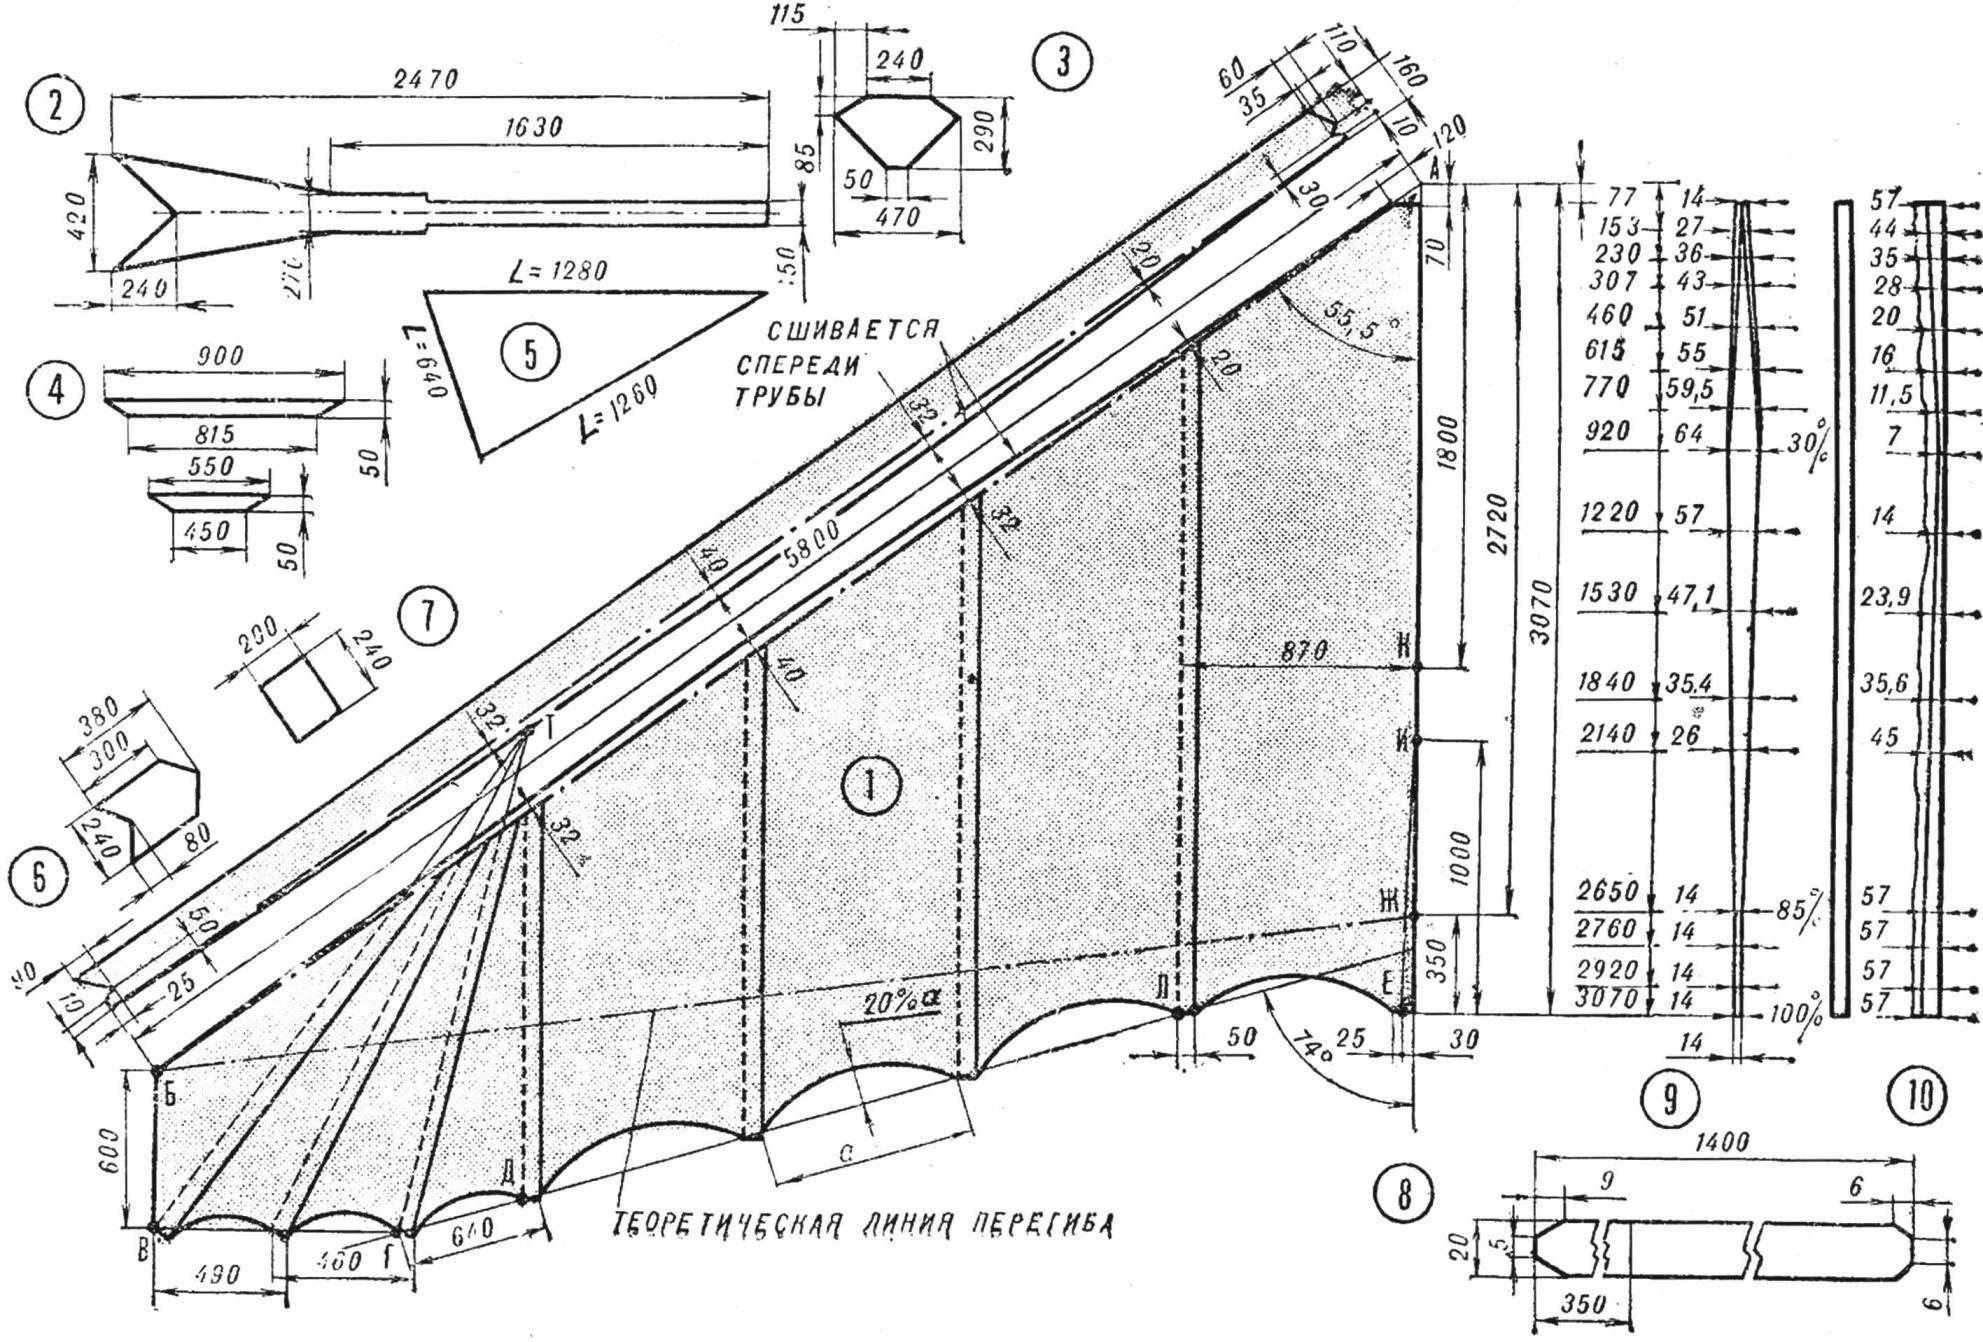 Рис. 3. Построение купола и его детали